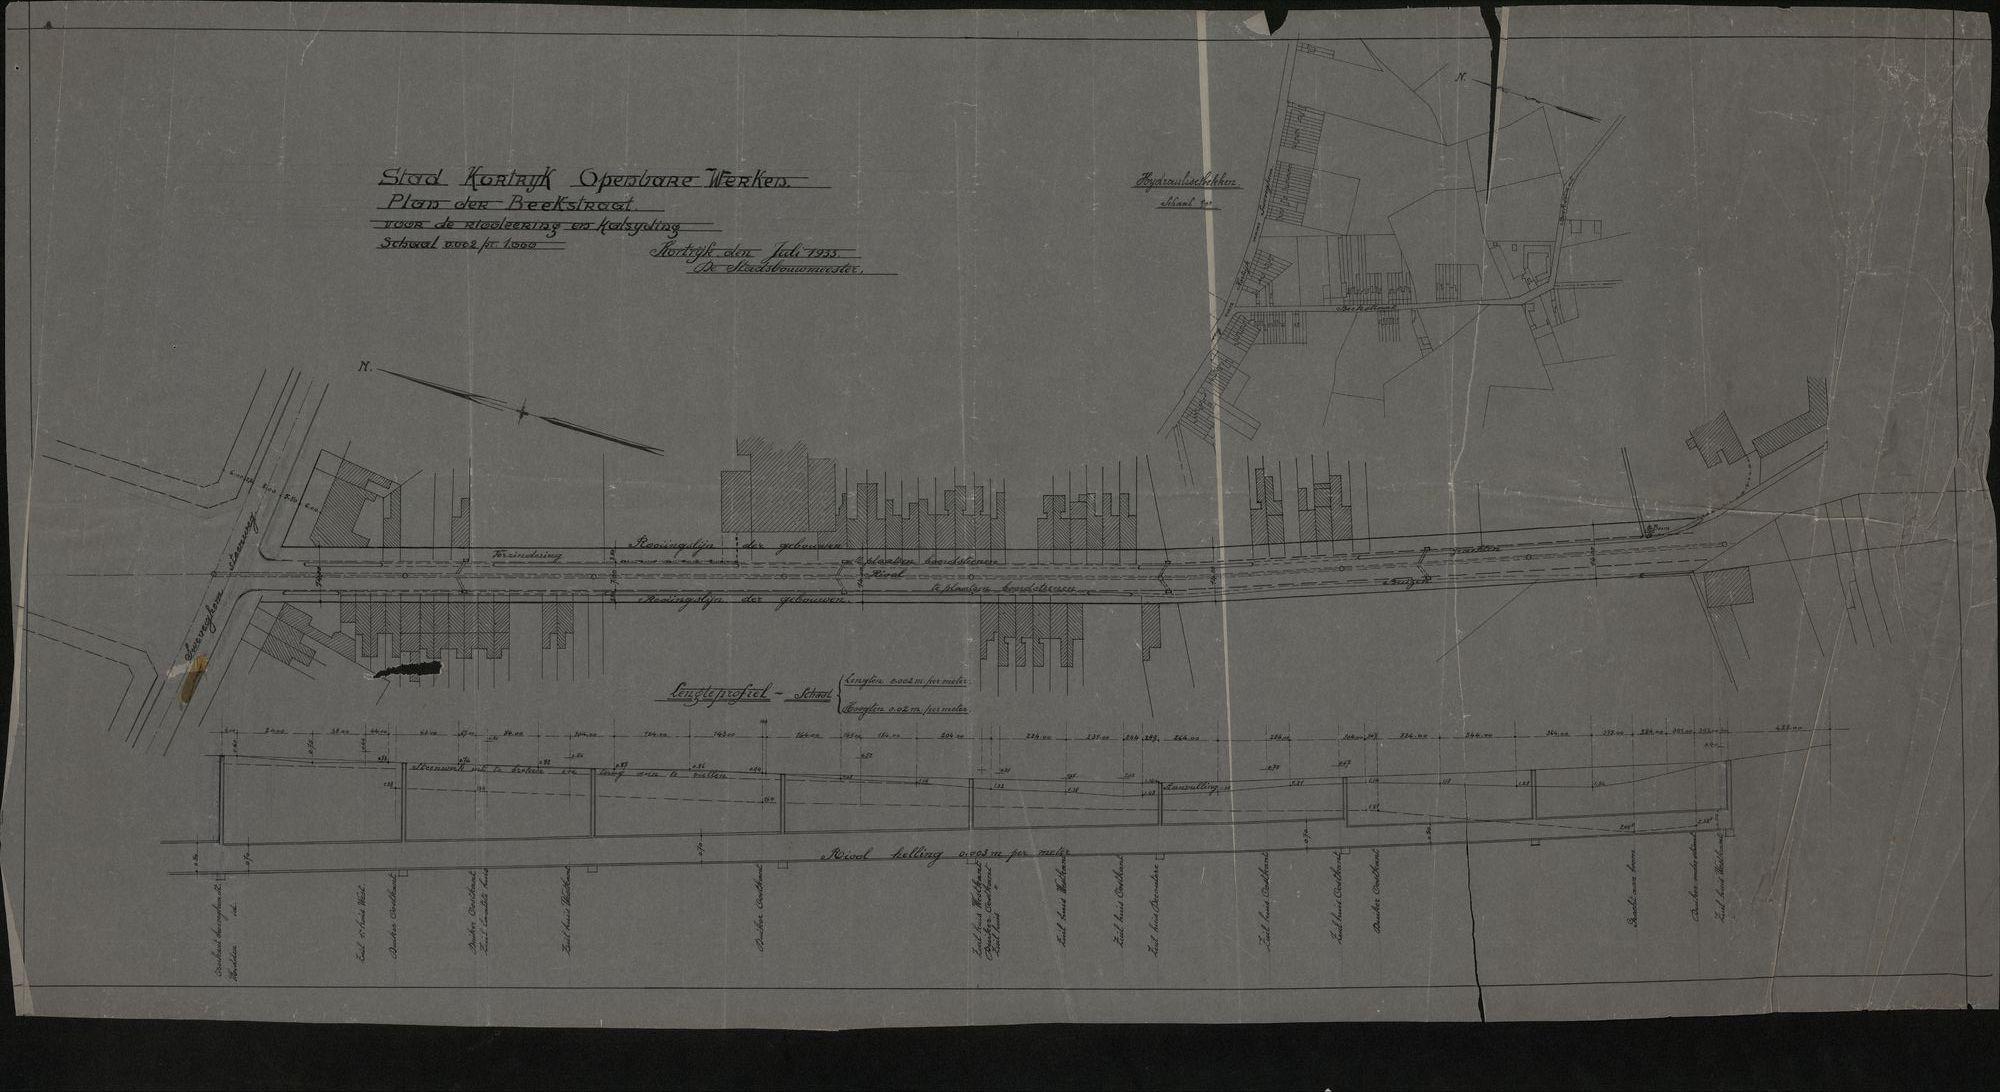 Plattegrond van de Beekstraat i.v.m. riolering en het kasseien te Kortrijk, 1933